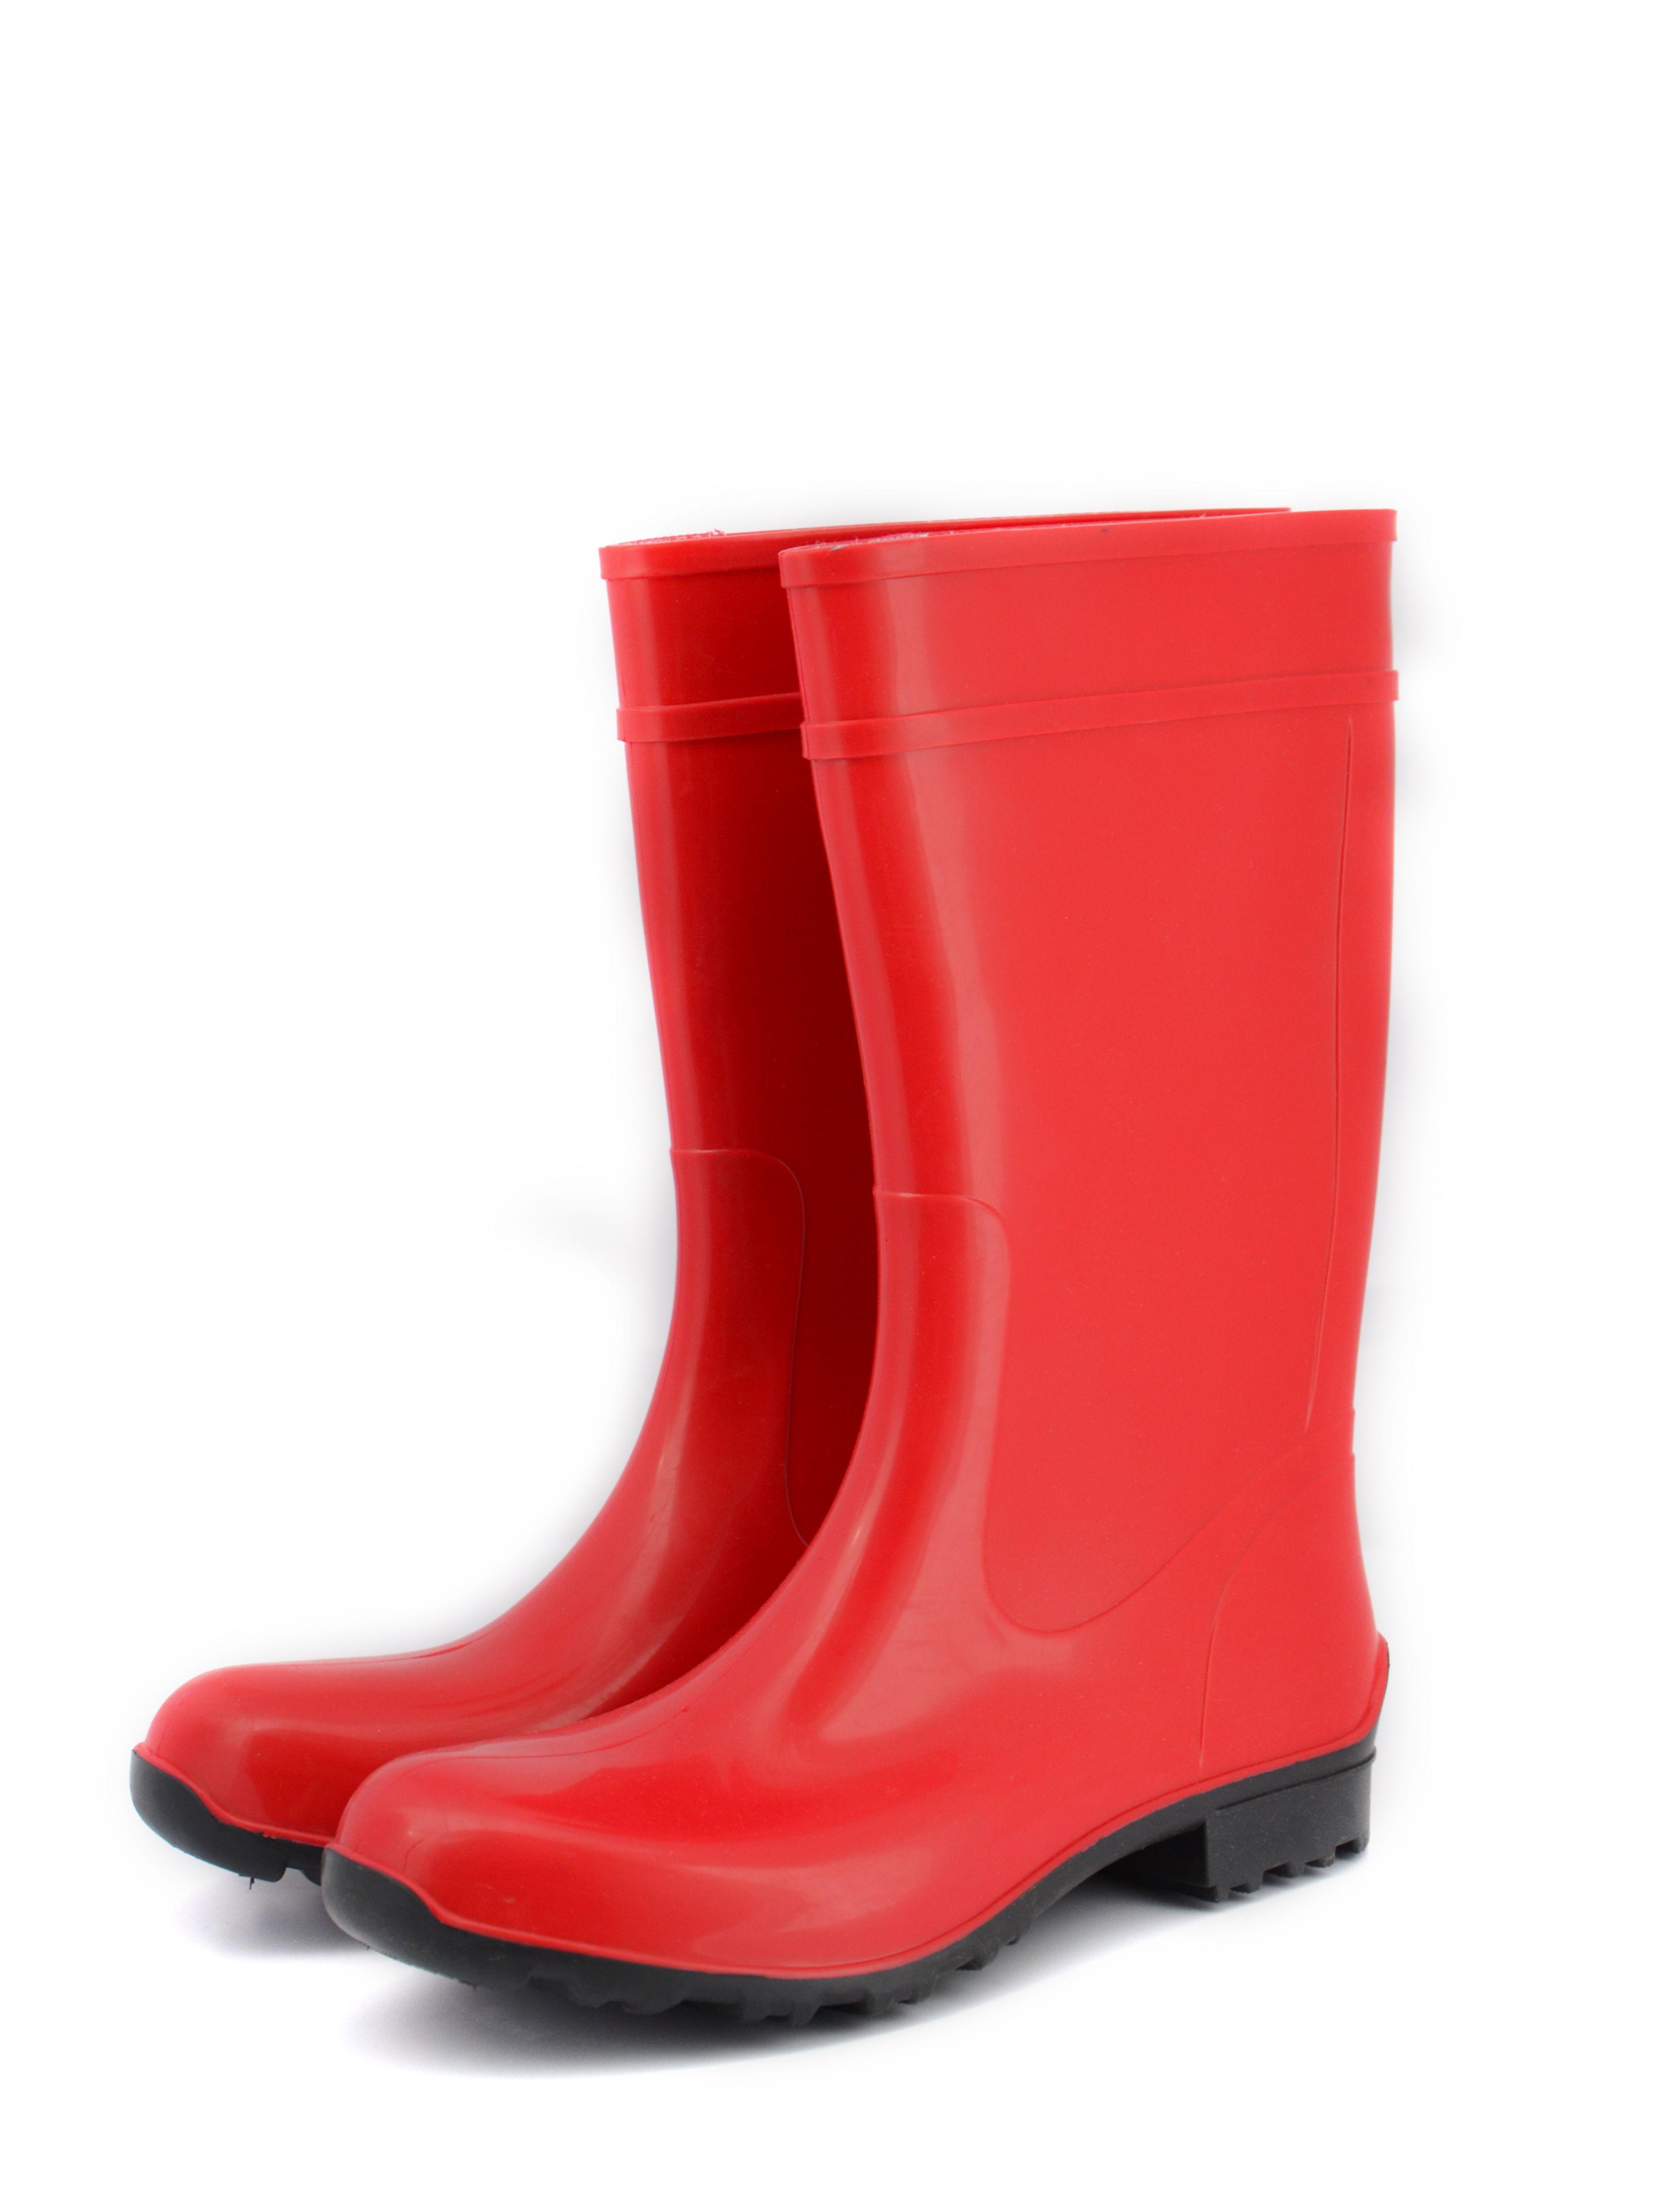 Kalosze Damskie Mlodziezowe Nieocieplane Model Ilse Kalosze Wykonane Sa Z Zmiekczonego Tworzywa Pcv Bez Dodatku Olowiu Boots Wellington Boot Rain Boots